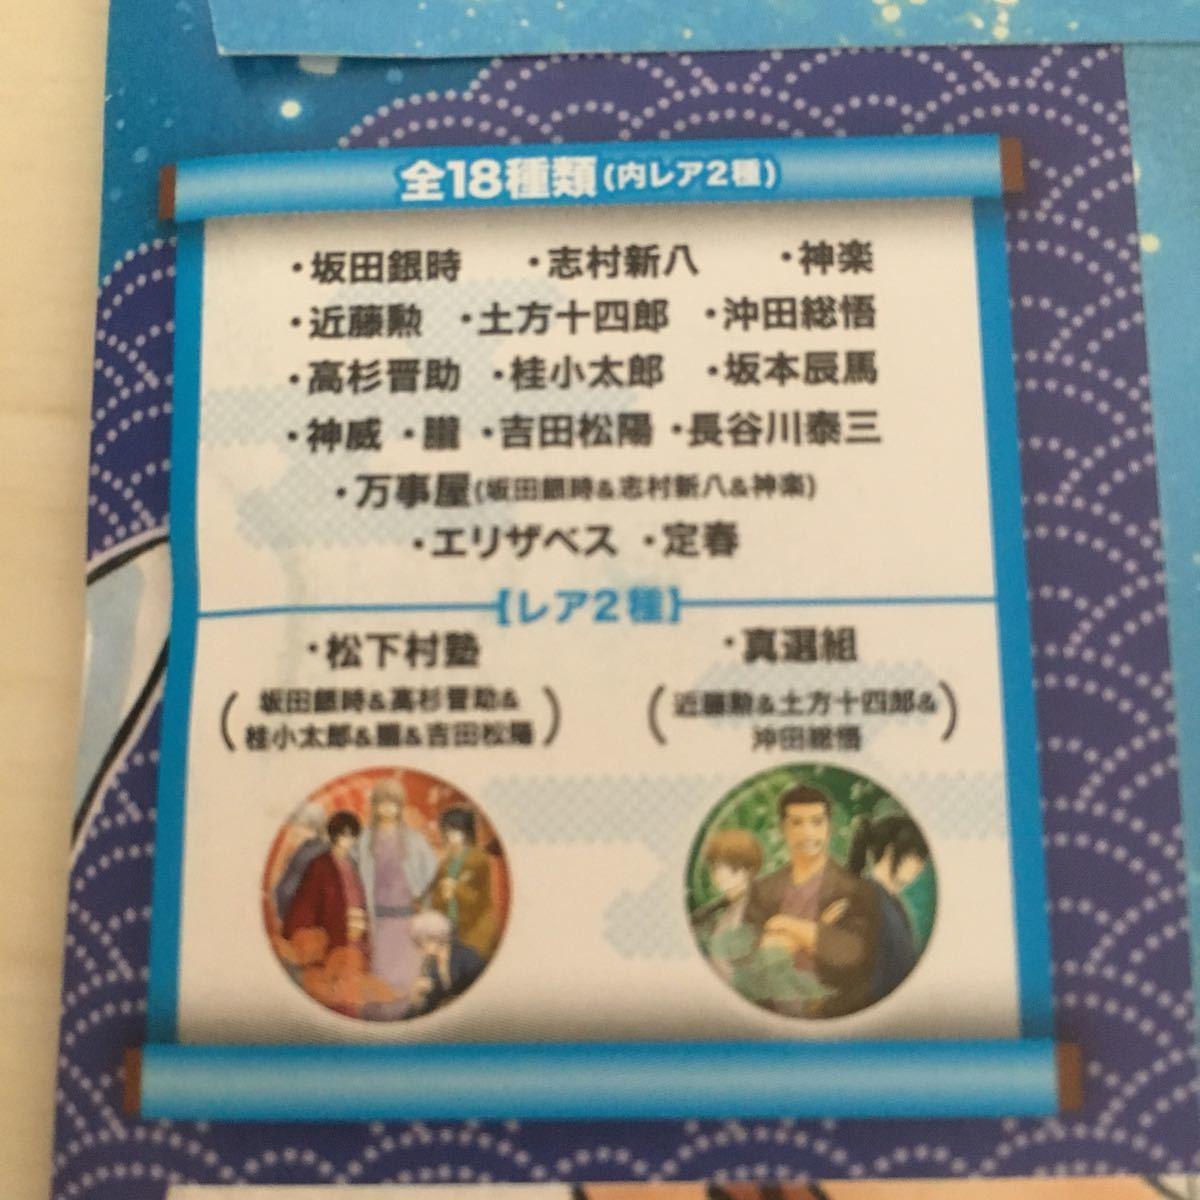 銀魂 缶バッジ 志村新八 週刊少年ジャンプ展 vol.3 前期限定 コレクション缶バッジ第1弾 同梱可能 送料120円~_画像2